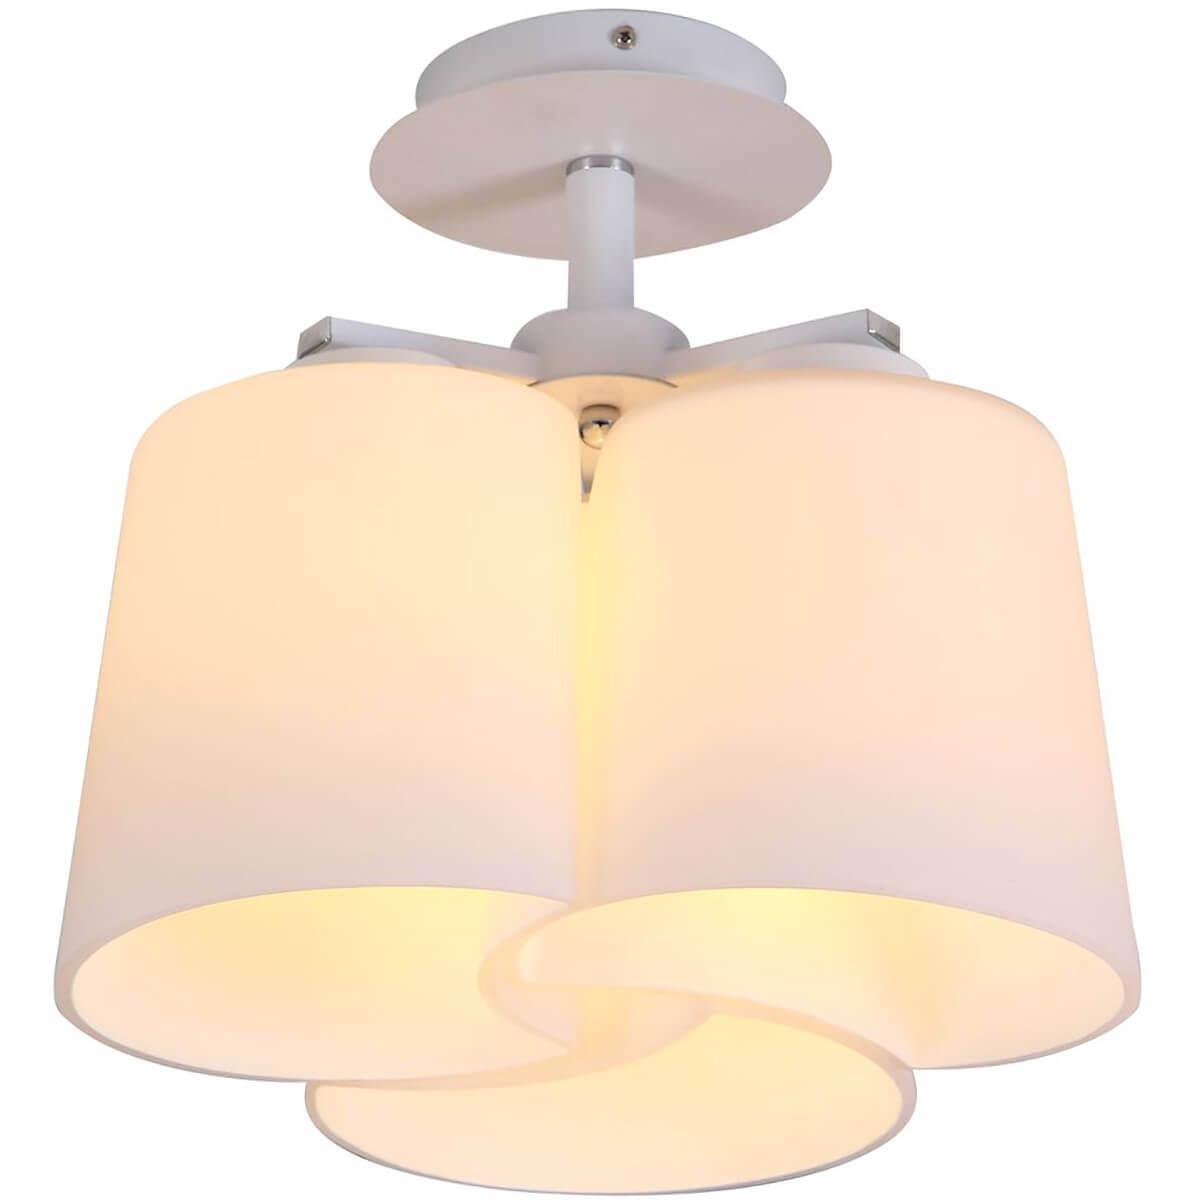 Потолочный светильник Omnilux OML-28107-03, E27, 60 Вт